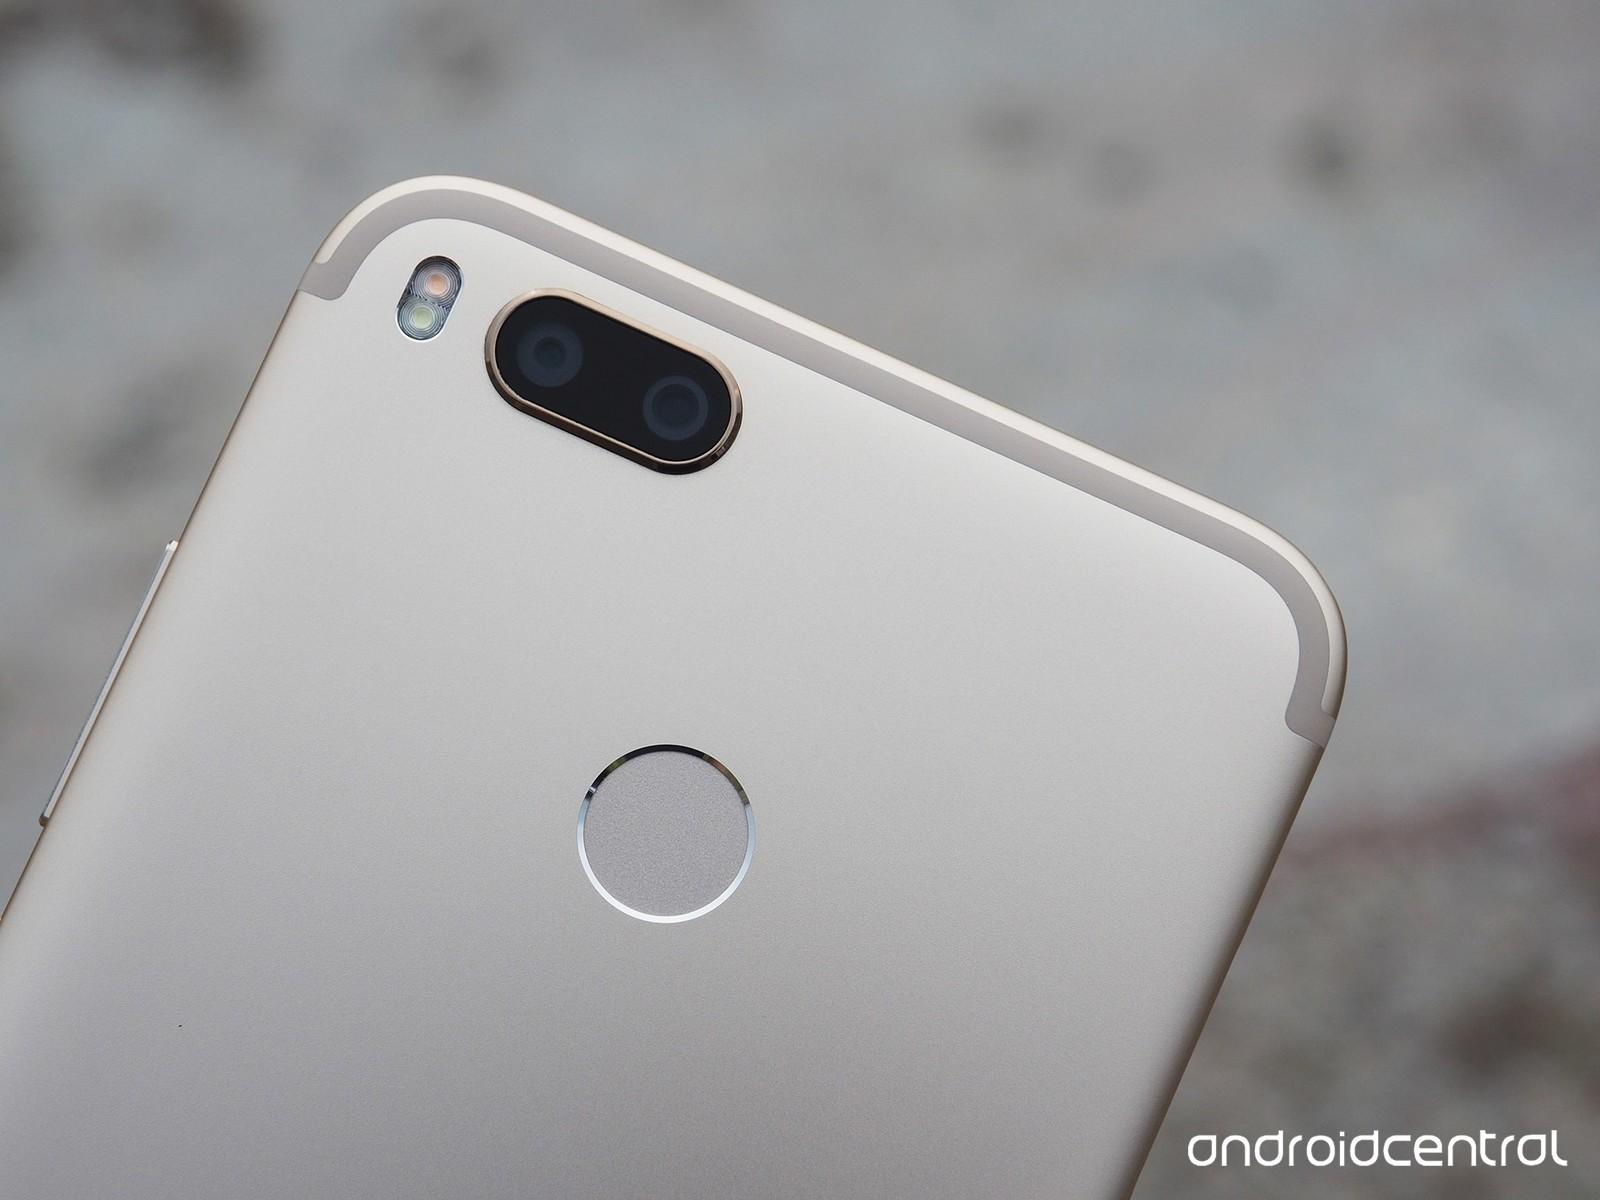 Xiaomi MI A1 chính thức ra mắt tại Ấn Độ: camera kép, giá 5.3 triệu đồng, bán ra từ 12 tháng 9